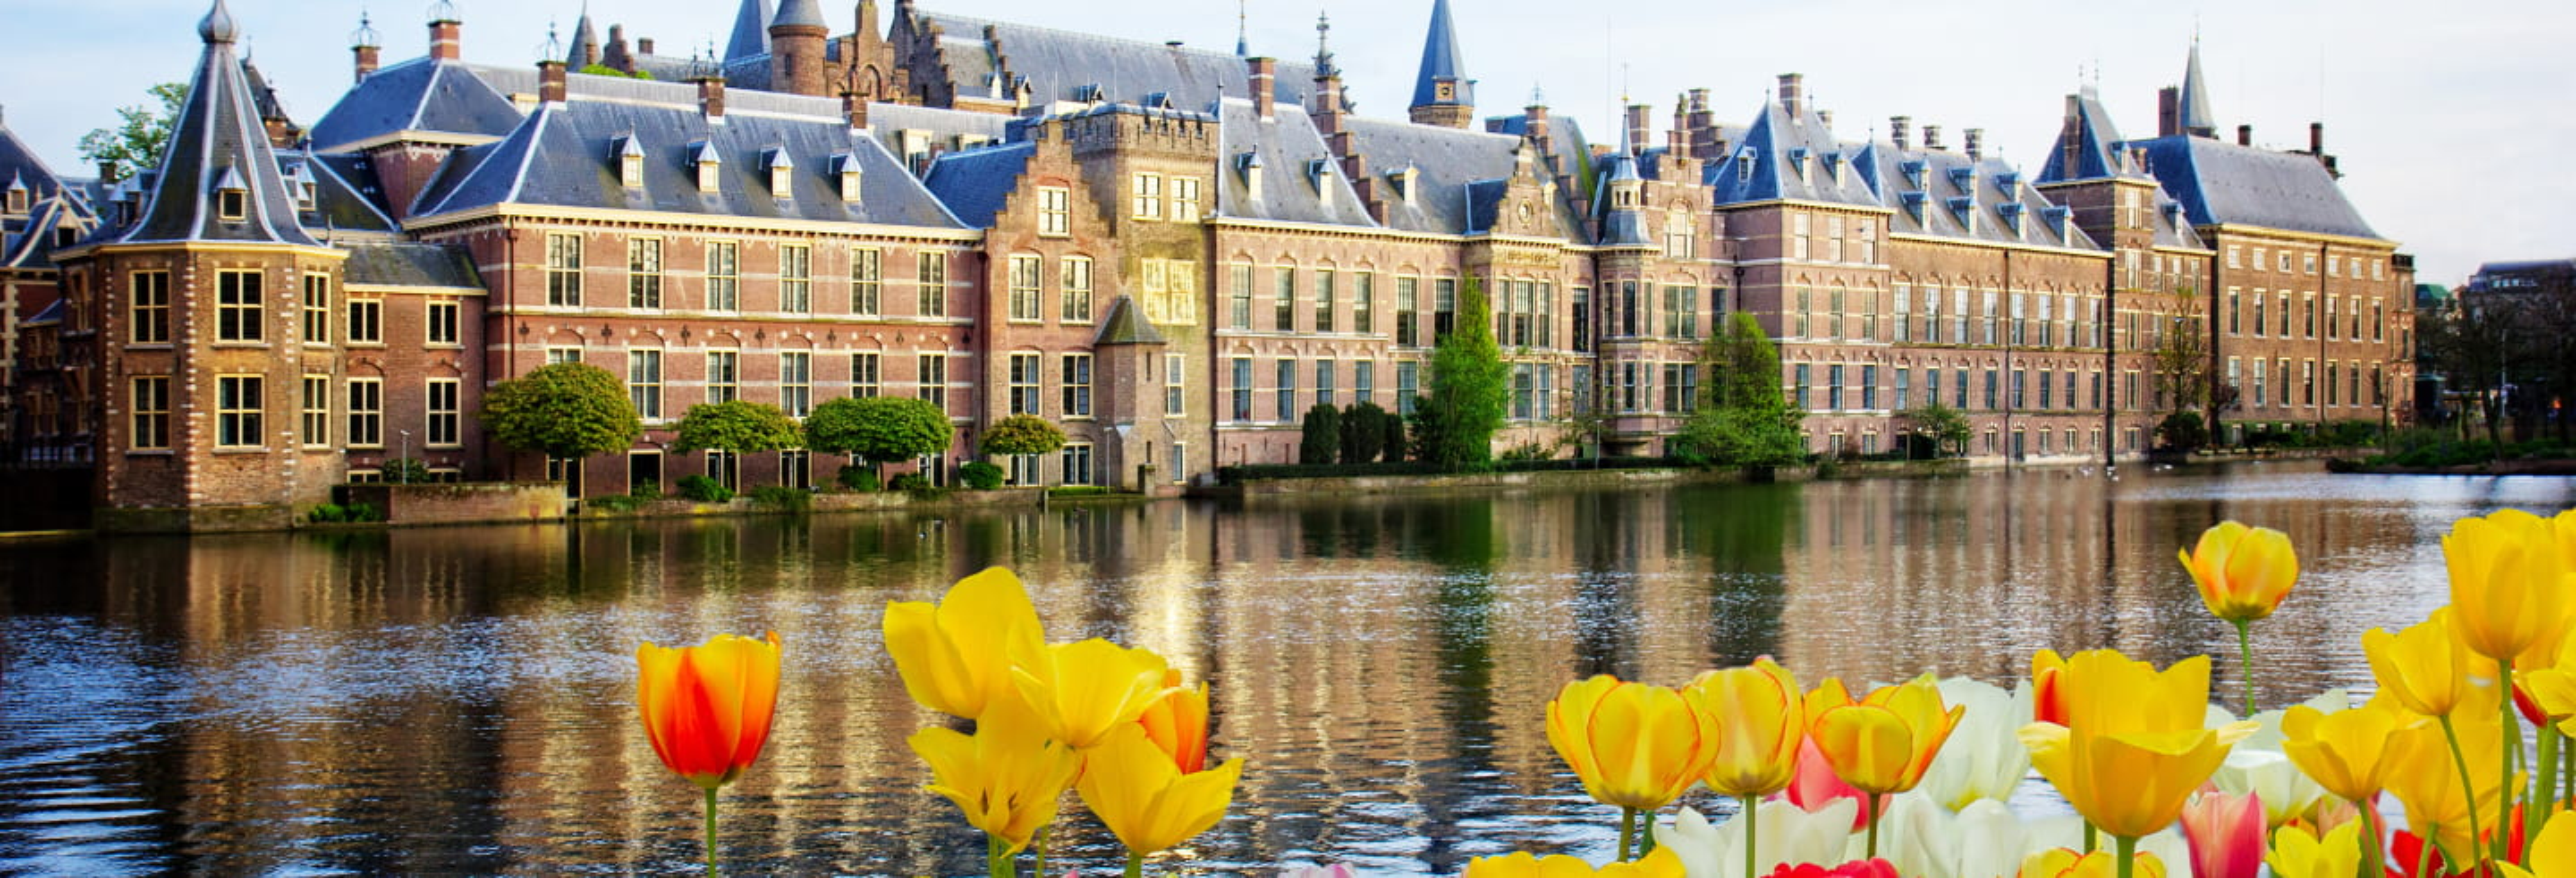 Rotterdam, Delft & The Hague Tour